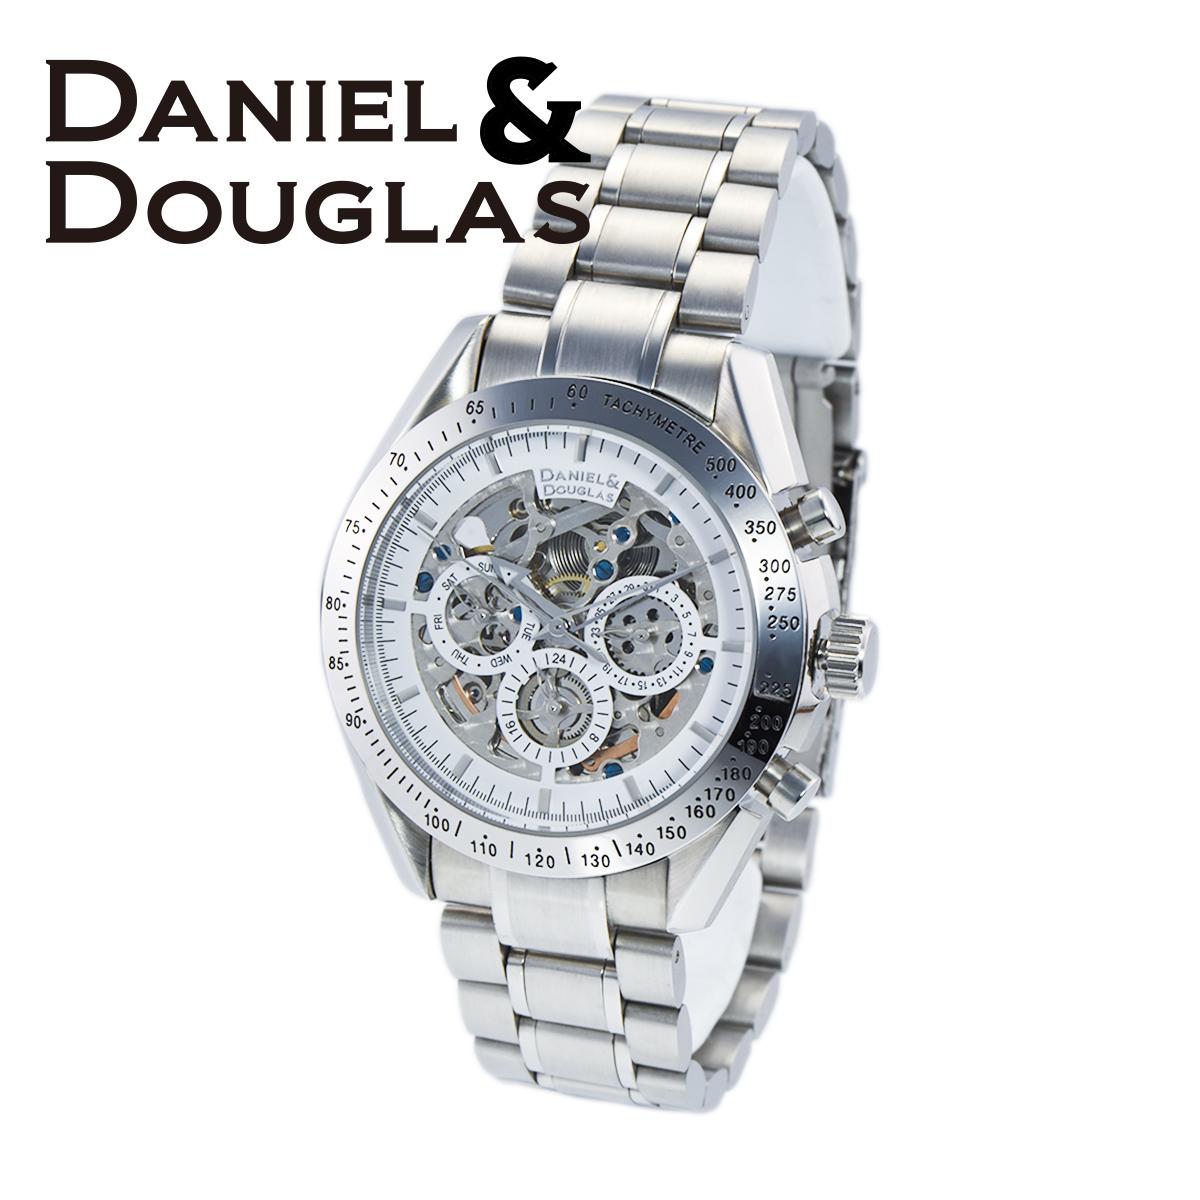 【全品送料無料】 ダニエルダグラス DANIEL&DOUGLAS ダニエル ダグラス DD8807-WHSV メンズ 時計 腕時計 自動巻き オートマチック スケルトン